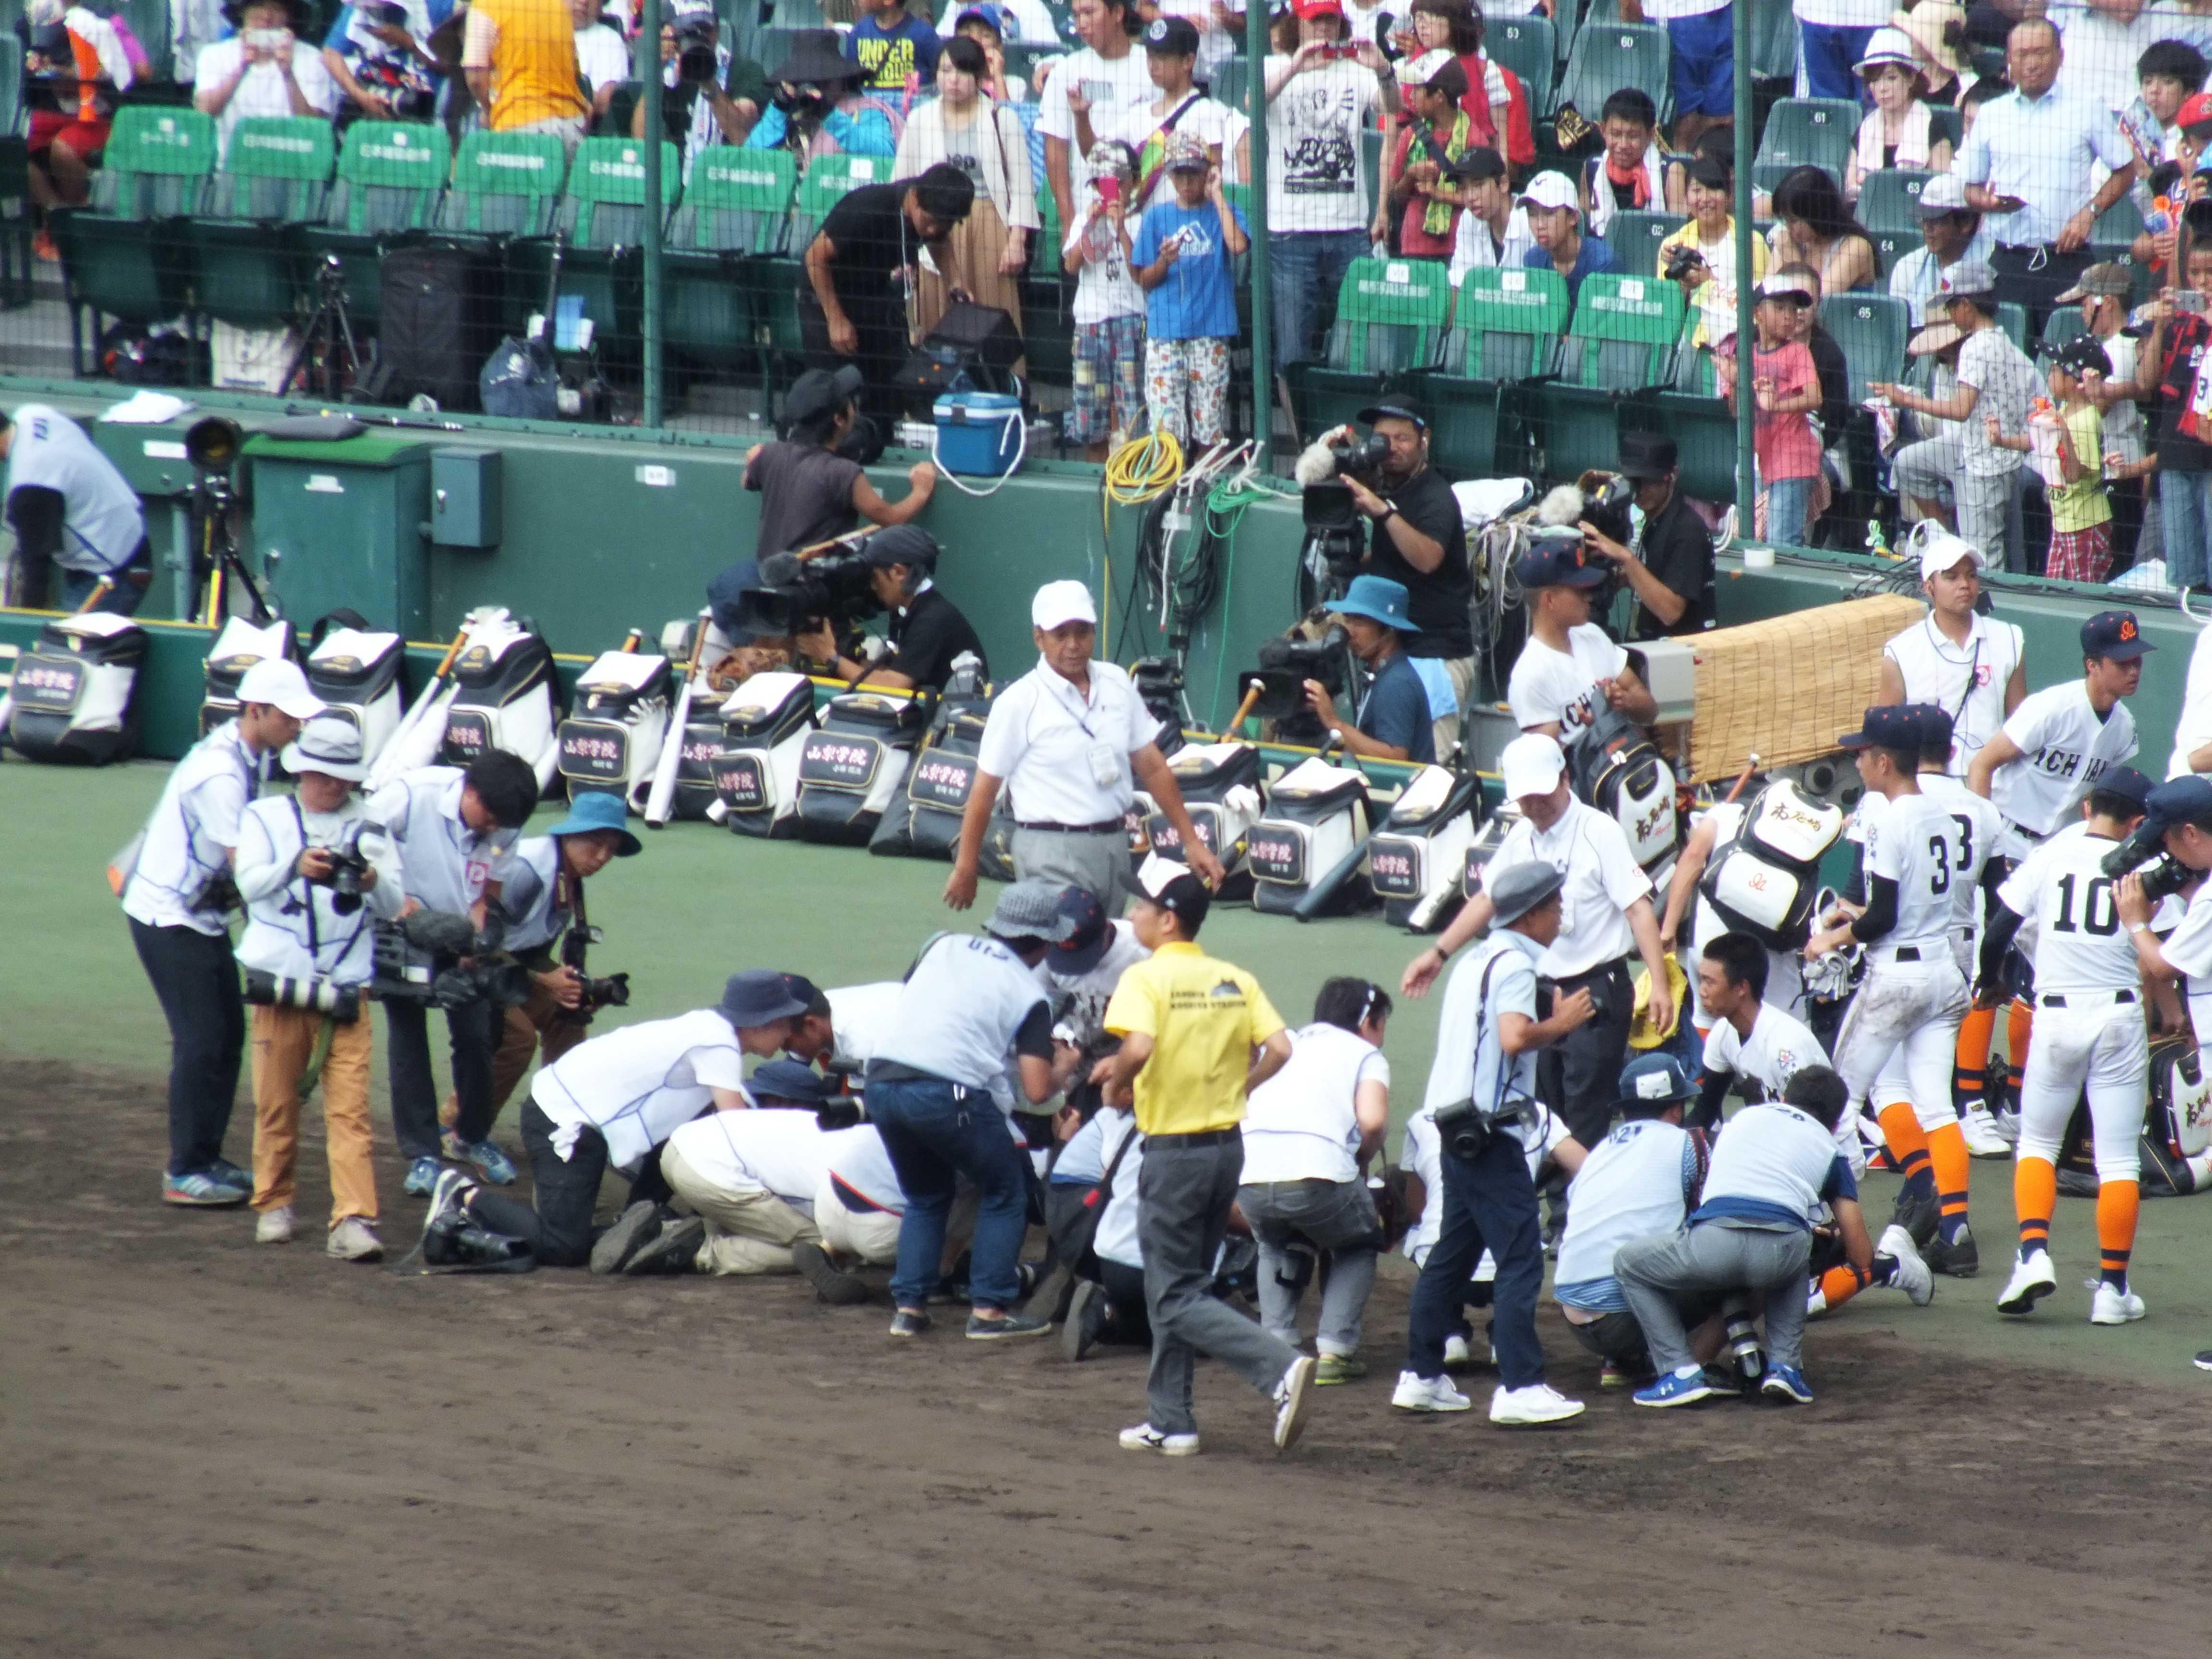 甲子園の土を拾う市立尼崎のナイン達